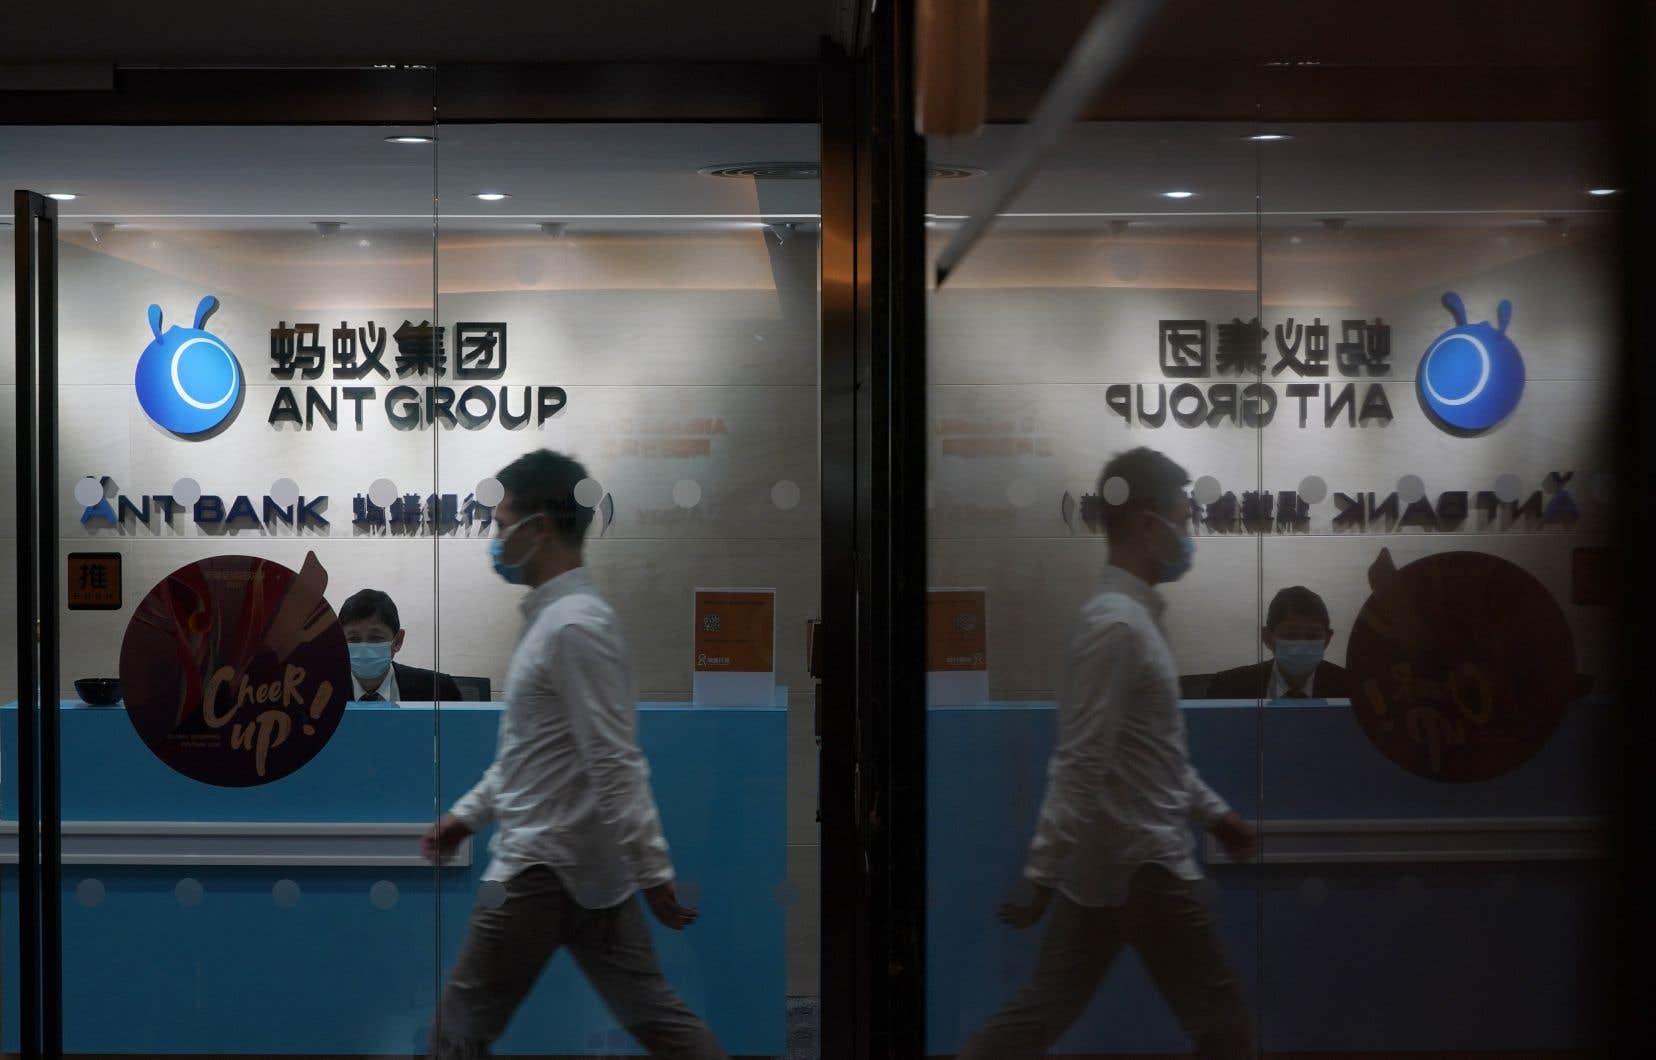 Ant Group, affilié au leader chinois du commerce électronique Alibaba, est un acteur incontournable du paiement électronique dans son pays avec son service Alipay.